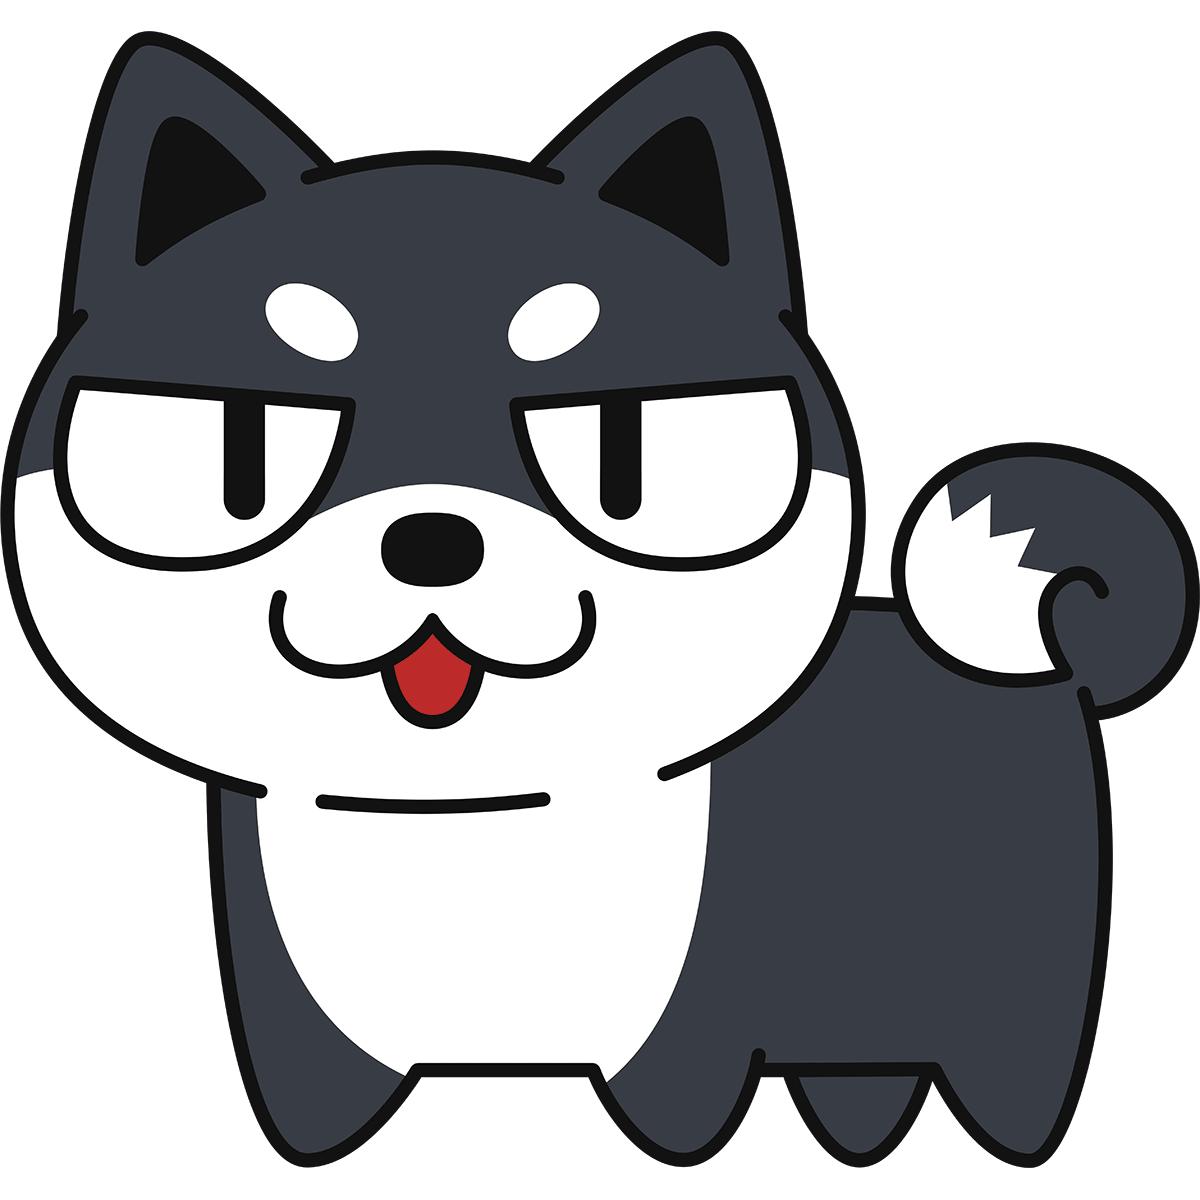 目つきの悪い黒柴(柴犬)の無料イラスト